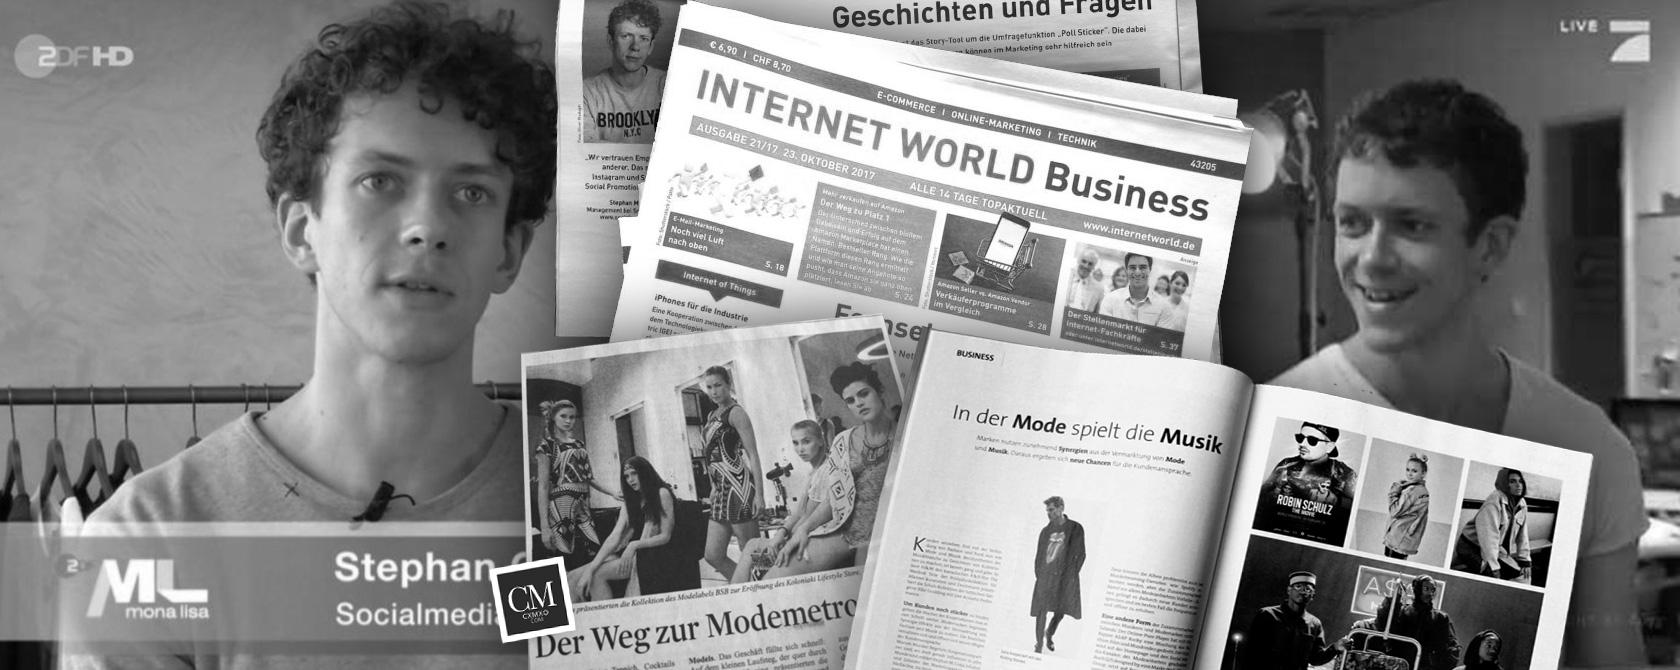 Εμπειρογνώμονας στην τηλεόραση, σε εφημερίδες και ως ομιλητής σε εκδηλώσεις: Social Media Marketing με τον Stephan Czaja